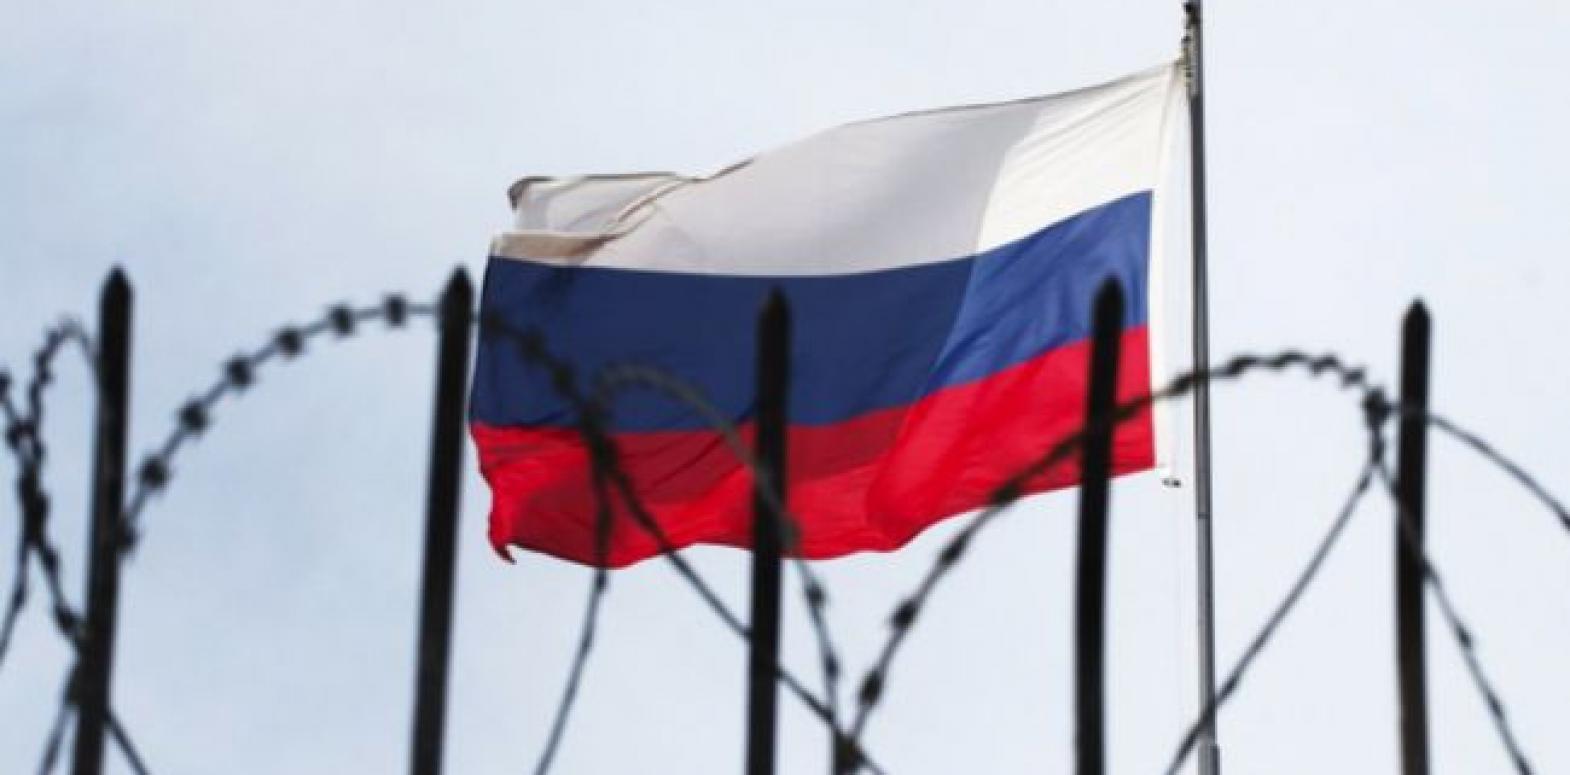 Вступил в силу второй пакет санкций против РФ из-за Скрипалей